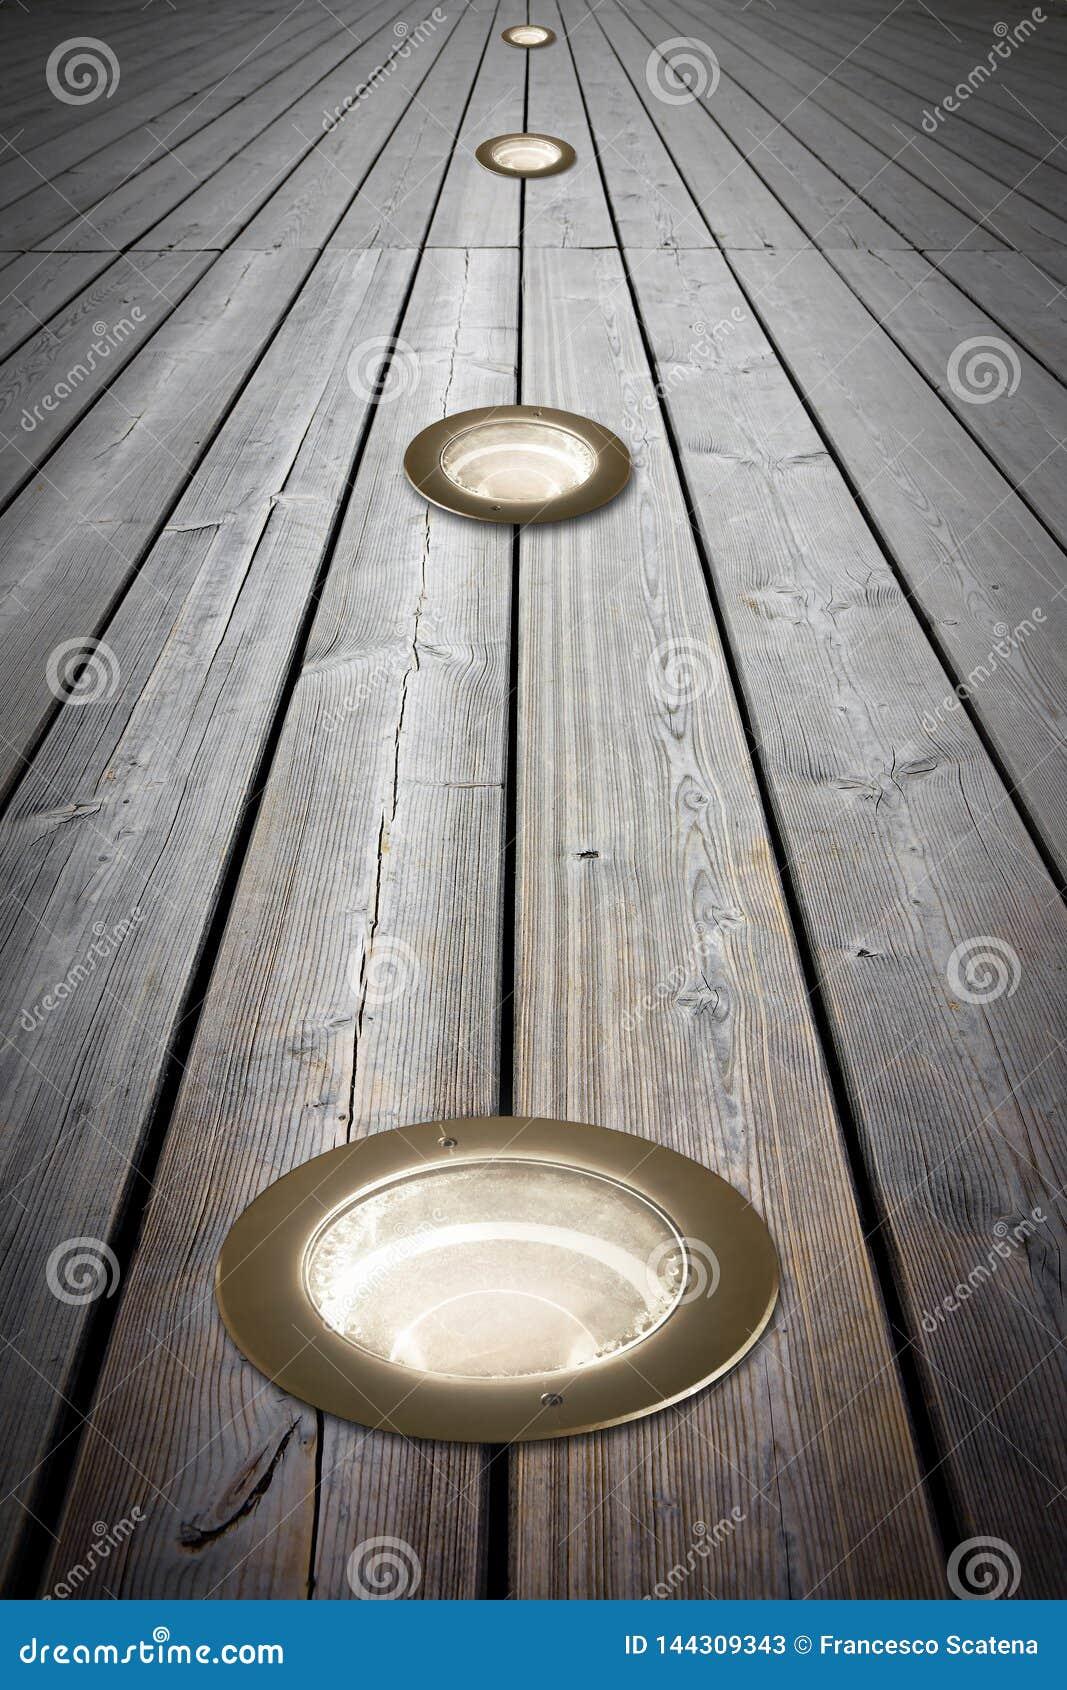 Τοποθετημένος λαμπτήρας πατωμάτων στο παλαιό ξύλινο πάτωμα - εικόνα με το διάστημα αντιγράφων